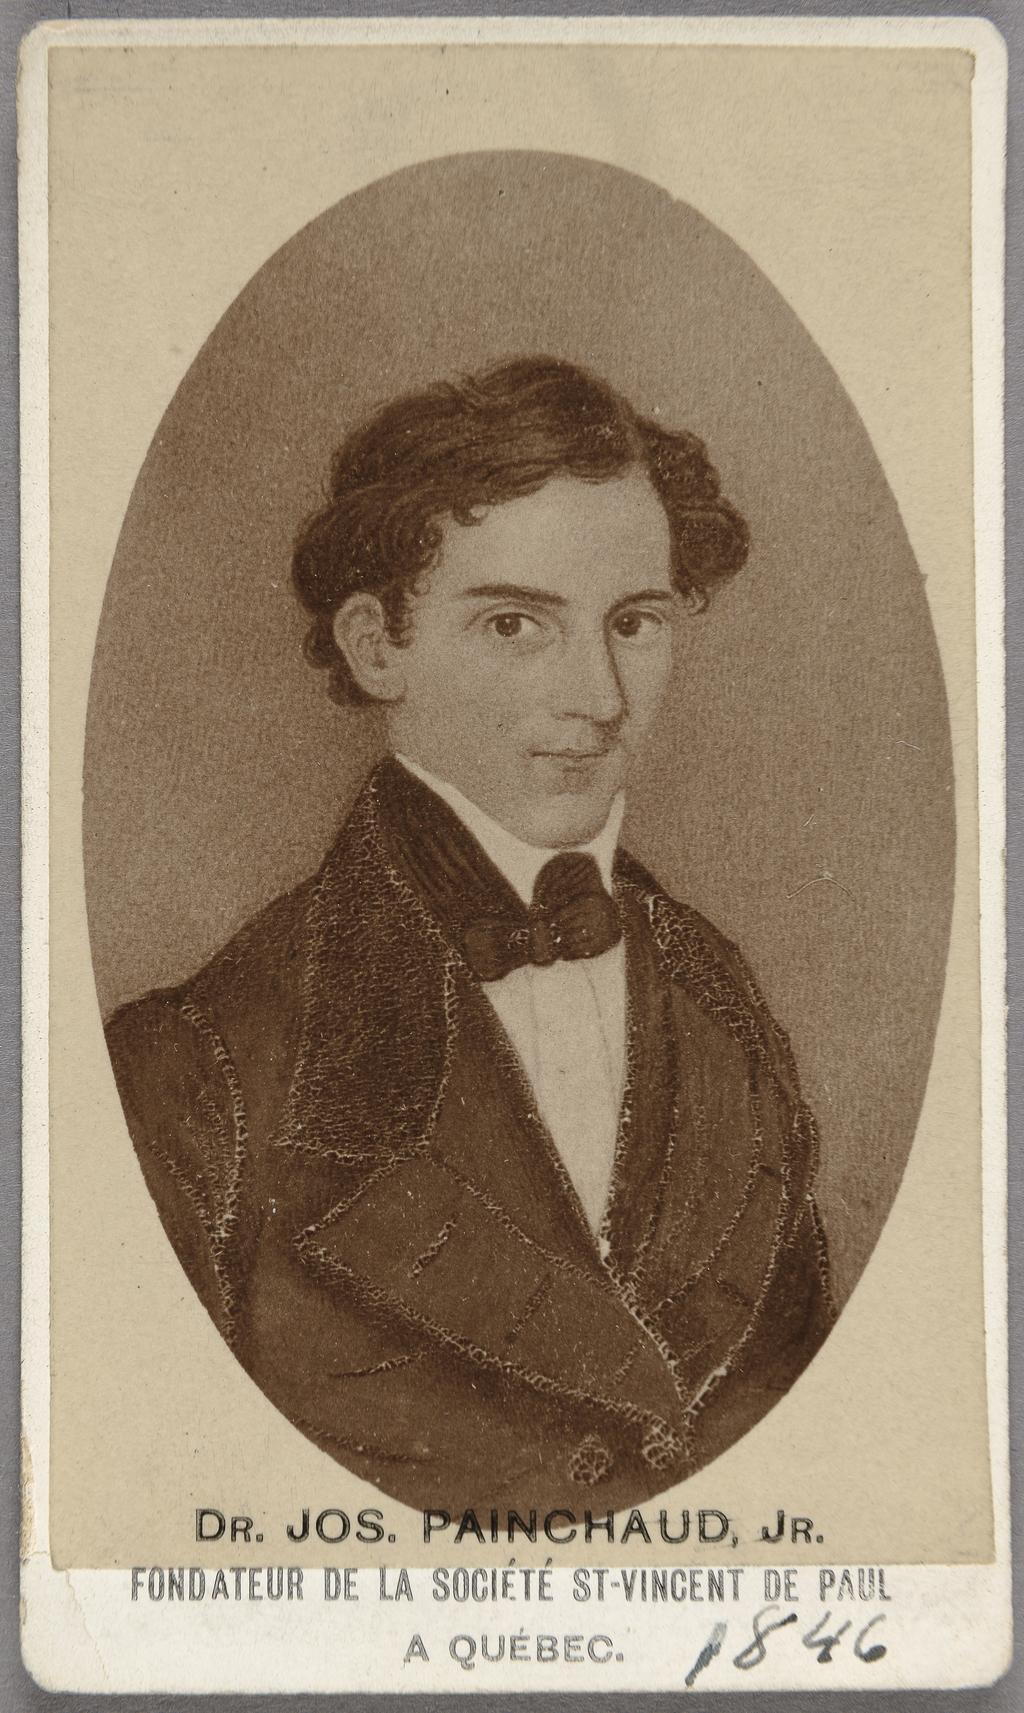 Joseph Painchaud. Photographie d'une miniature de Gerome Fassio